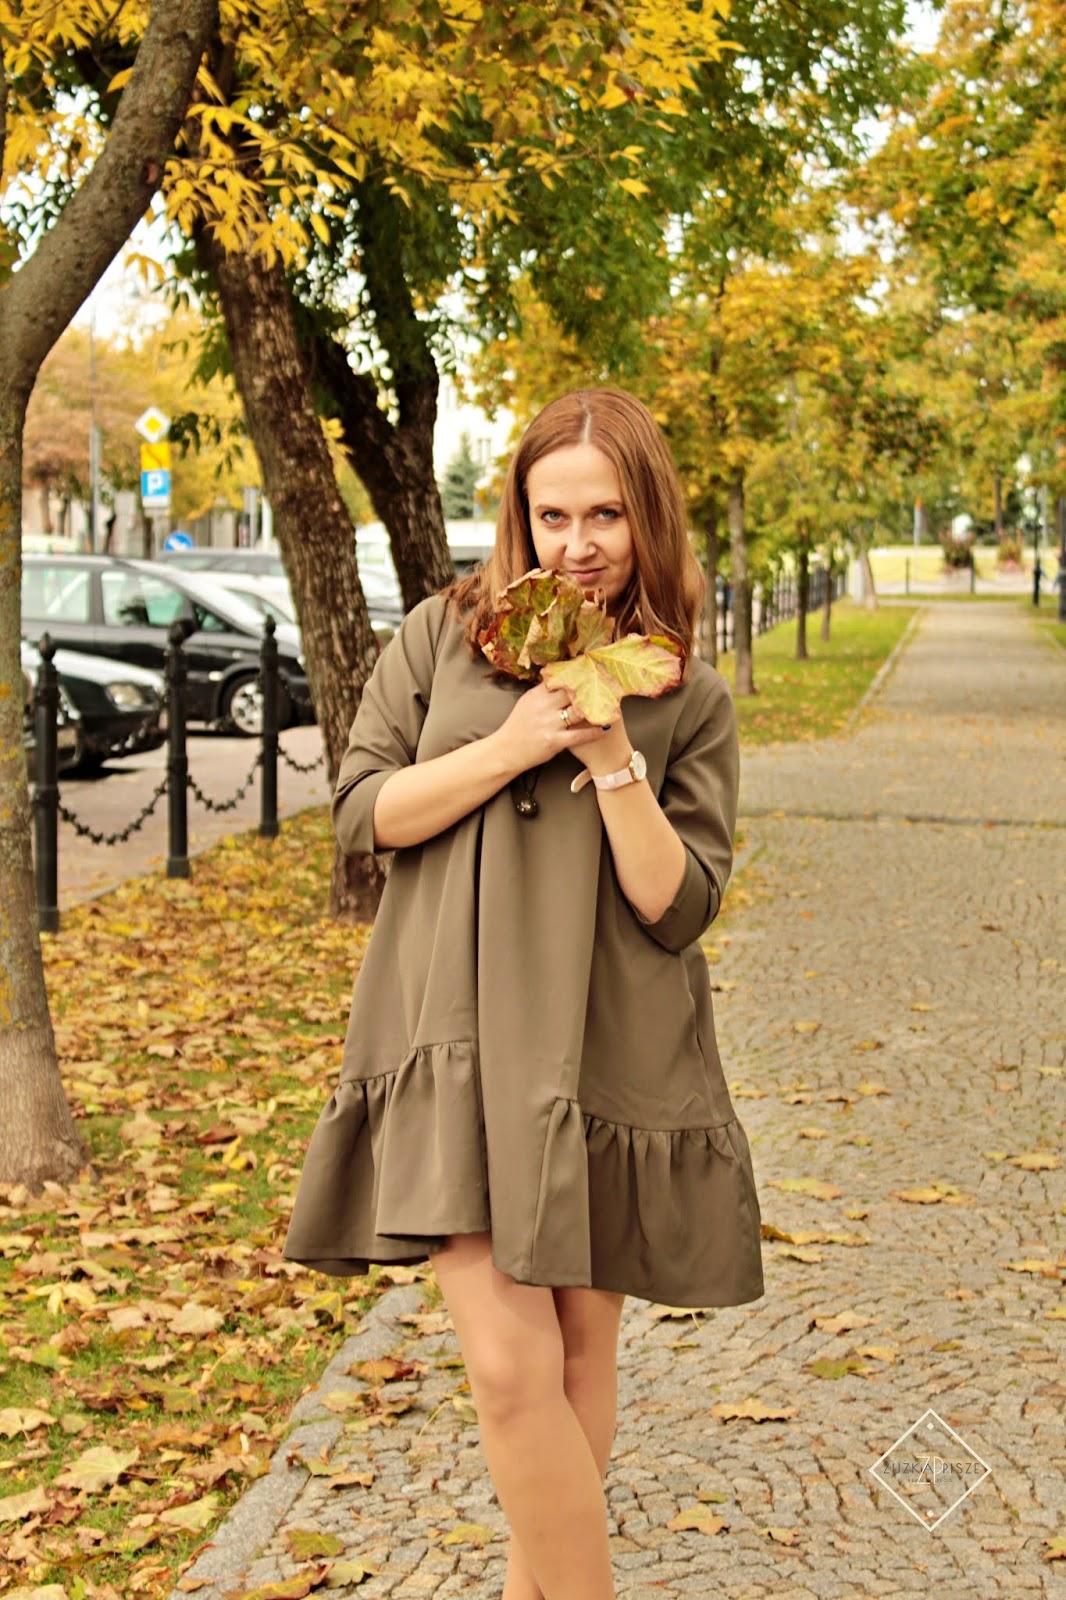 Sukienka trapezowa o luźnym kroju Ooh La La - AvocadoStyle